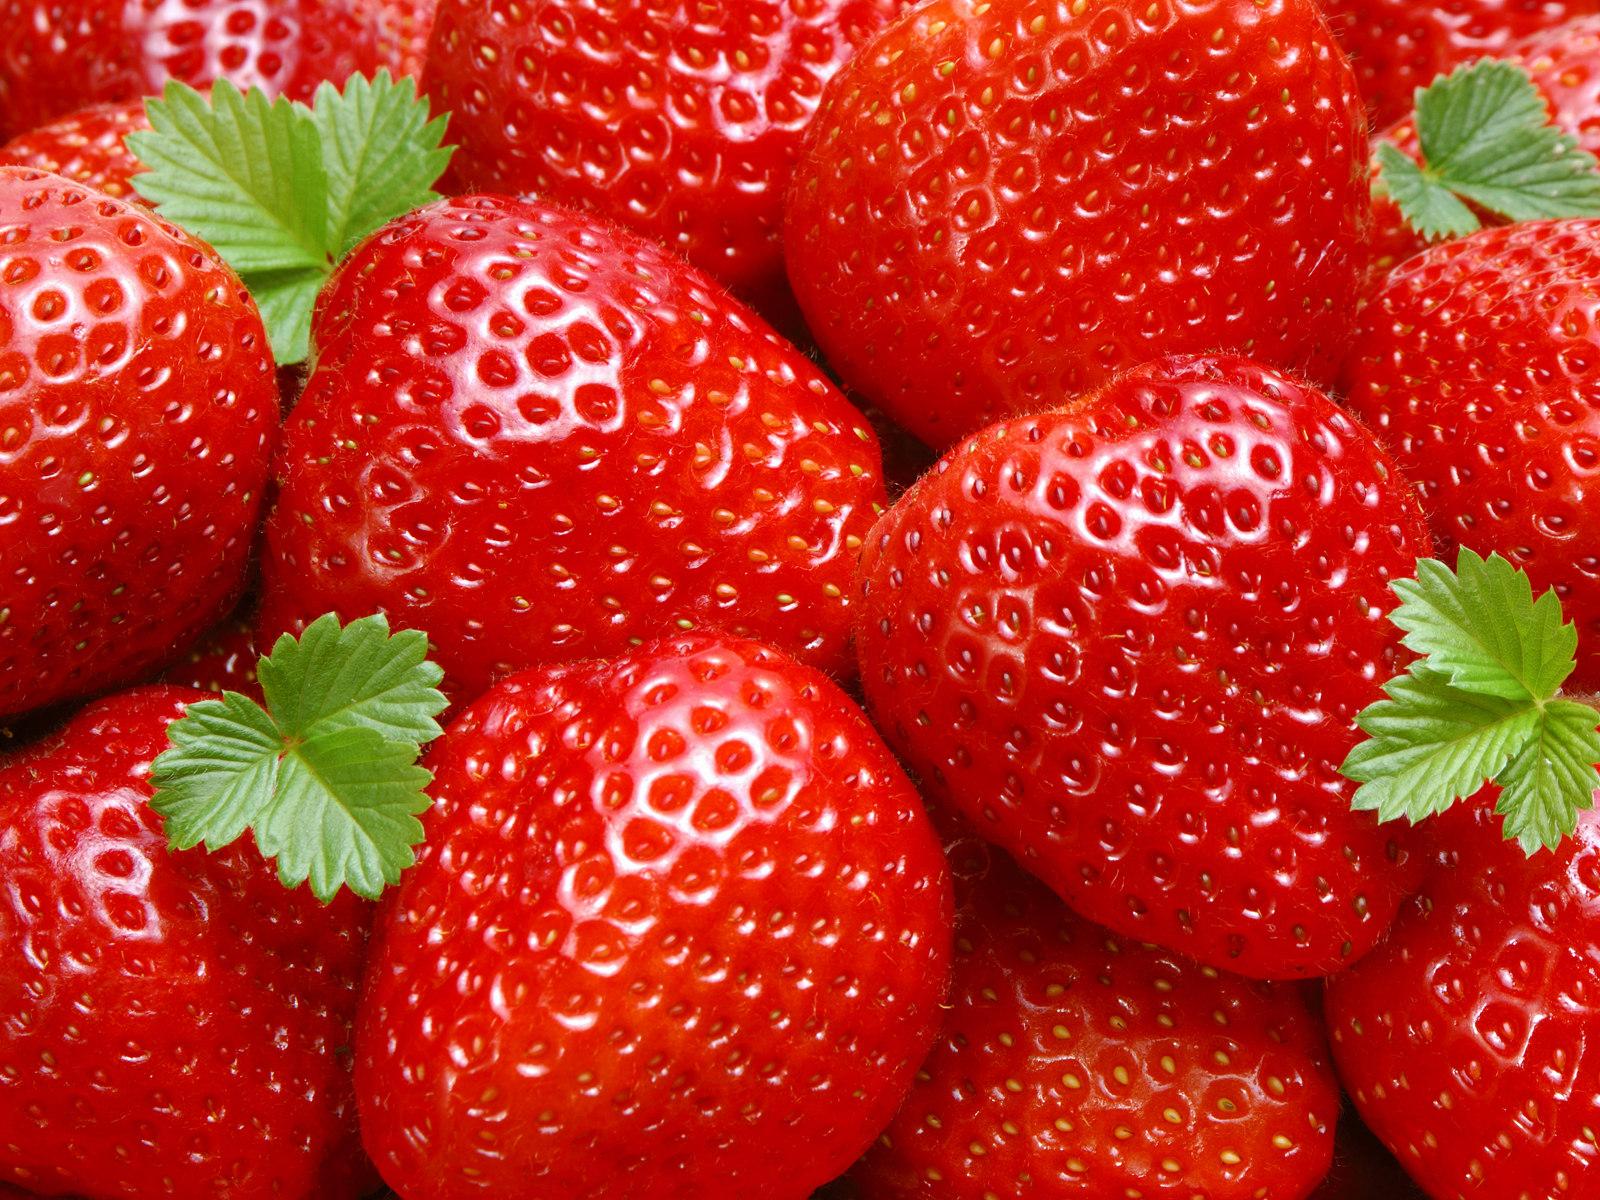 """いちごに含まれる驚愕の栄養&効能―豊富な栄養素がもたらす""""最強抗酸化力"""""""